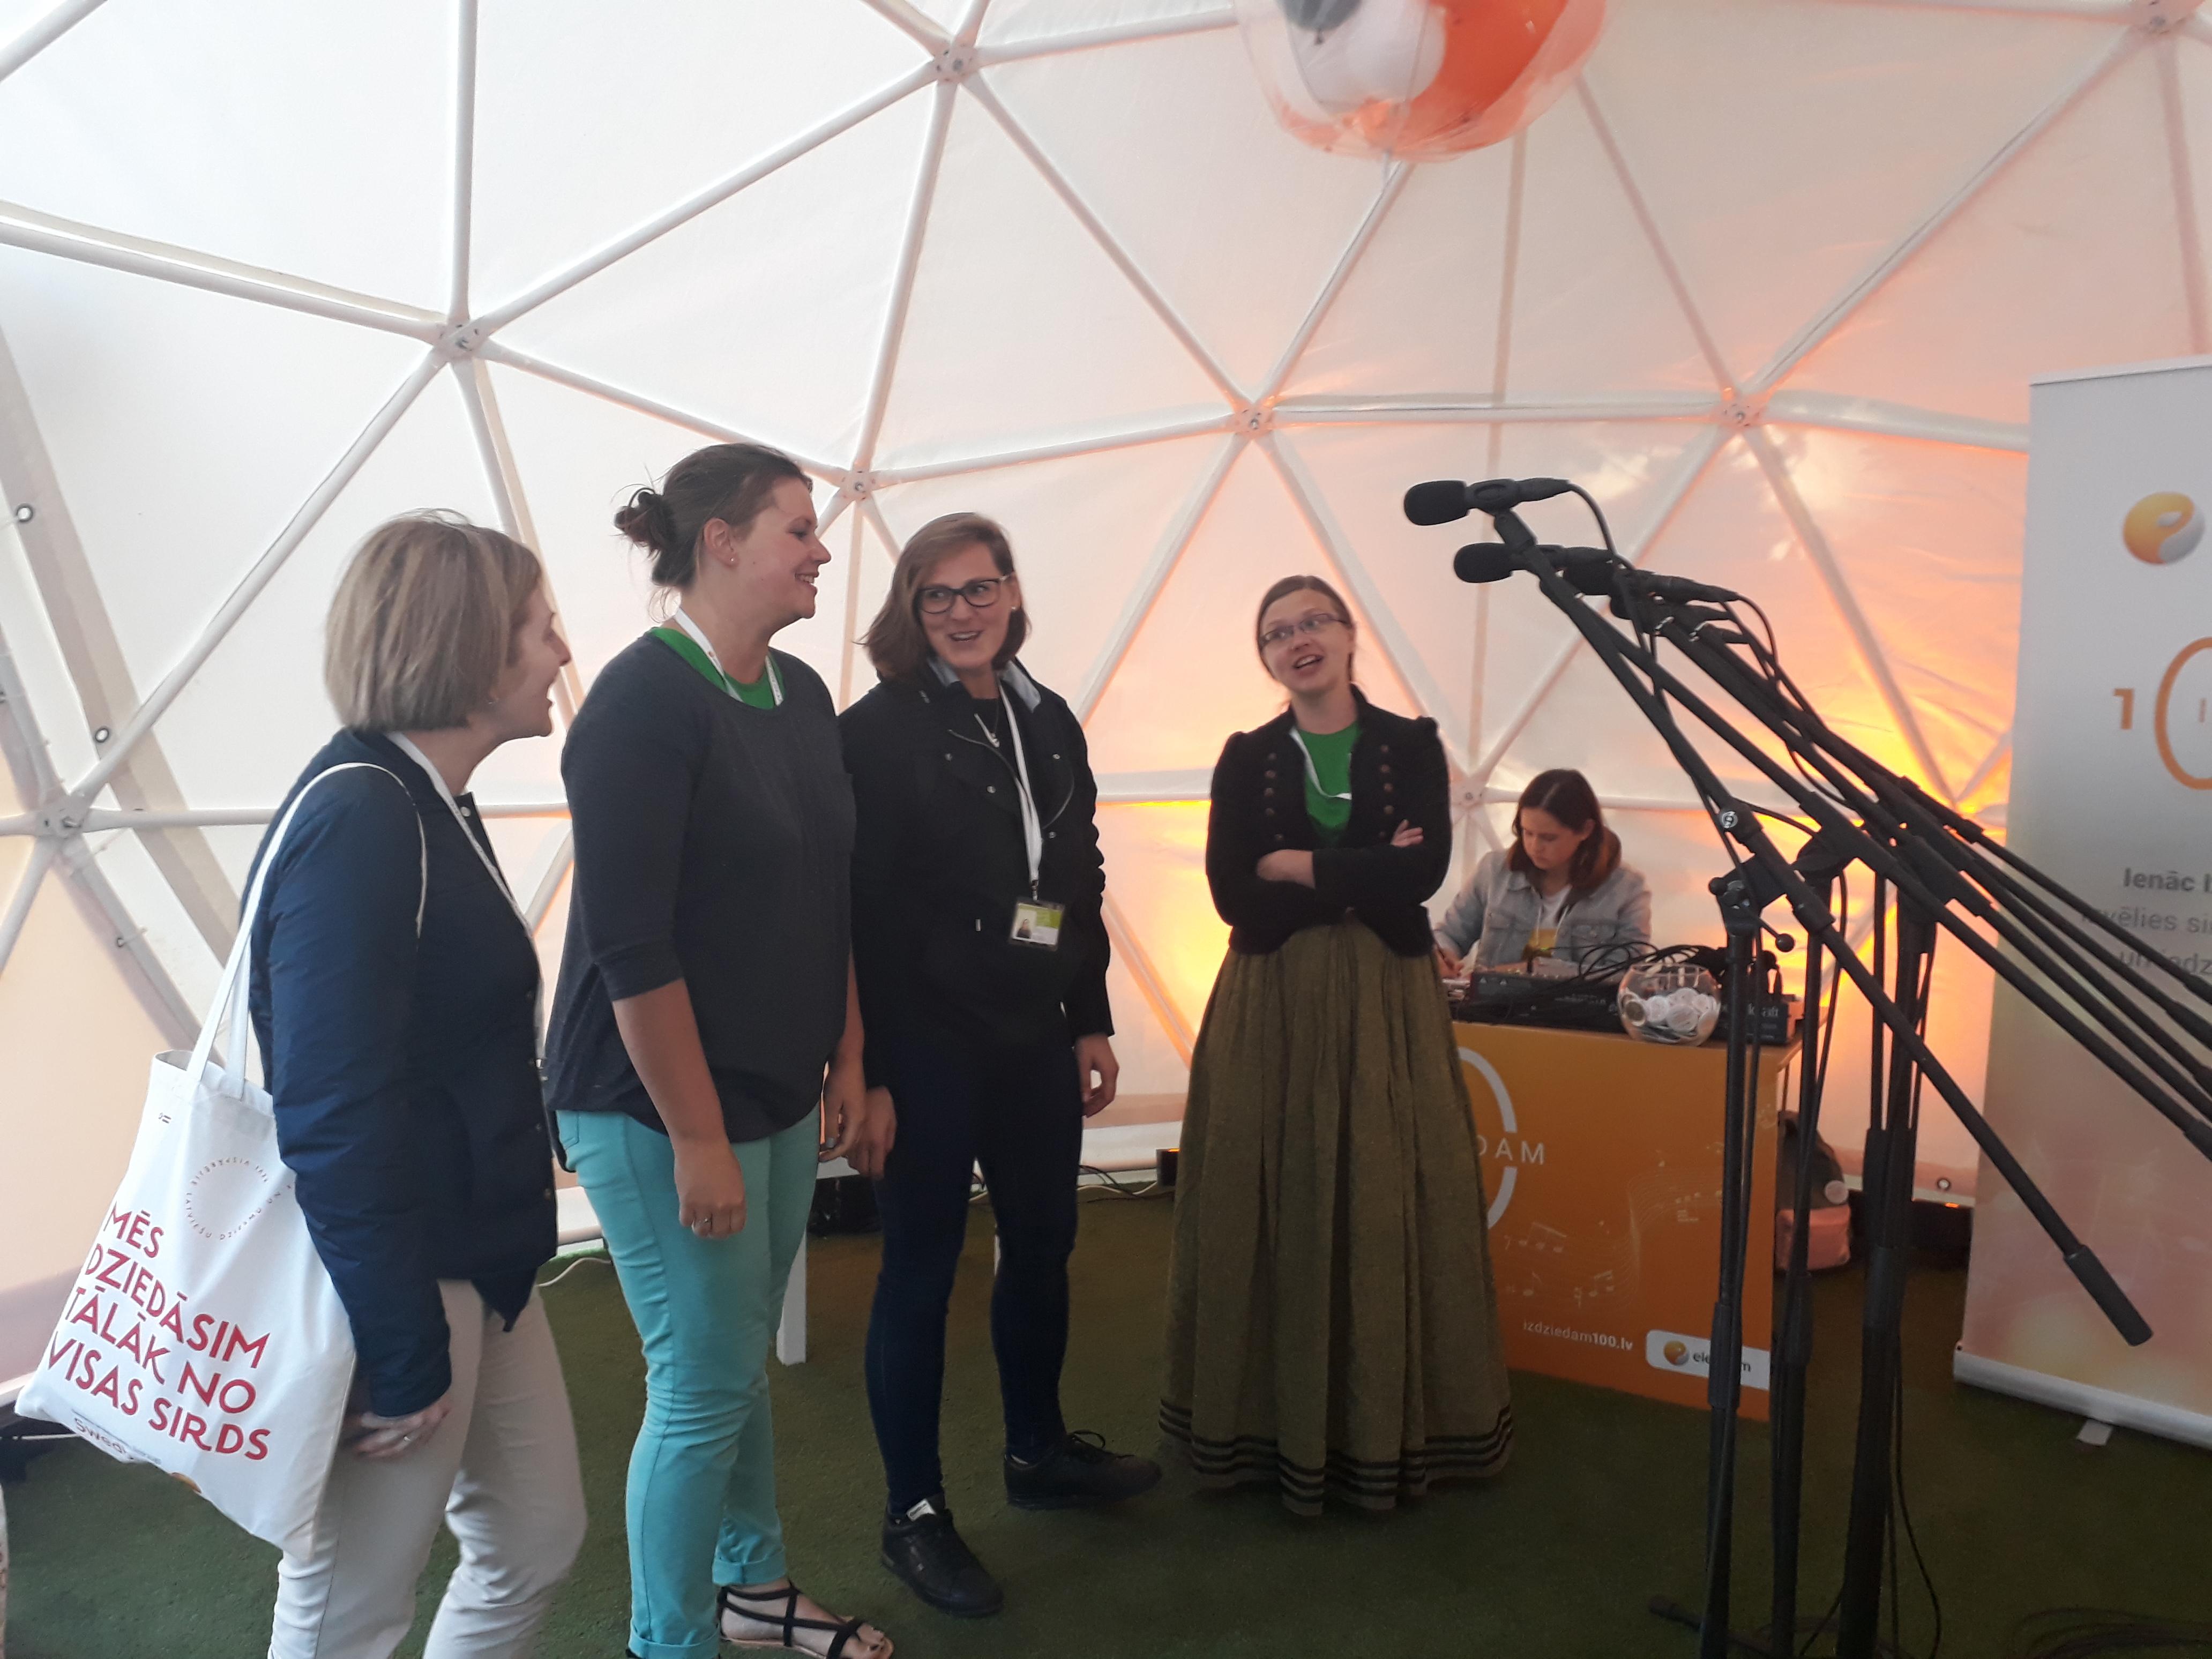 Mēģinājumu starplaiki tika izmantoti lietderīgi - kāda paguva aizskriet uz mājām, lai pabarotu savu pāris mēnešu veco zīdainīti, cita  nodarbojās ar rokdarbiem, steidzot pabeigt  līdz nosēguma koncertam pēdējās detaļas jaunajam tautastērpam, vēl citas turpat Electrum  teltī piedalījās kopīgas  dāvanas radīšanā  Latvijai 100- gadē - iedziedot dziesmu. Attēlā - 1. soprāna meitenes, iedziedot savu  sveicienu Latvijai;